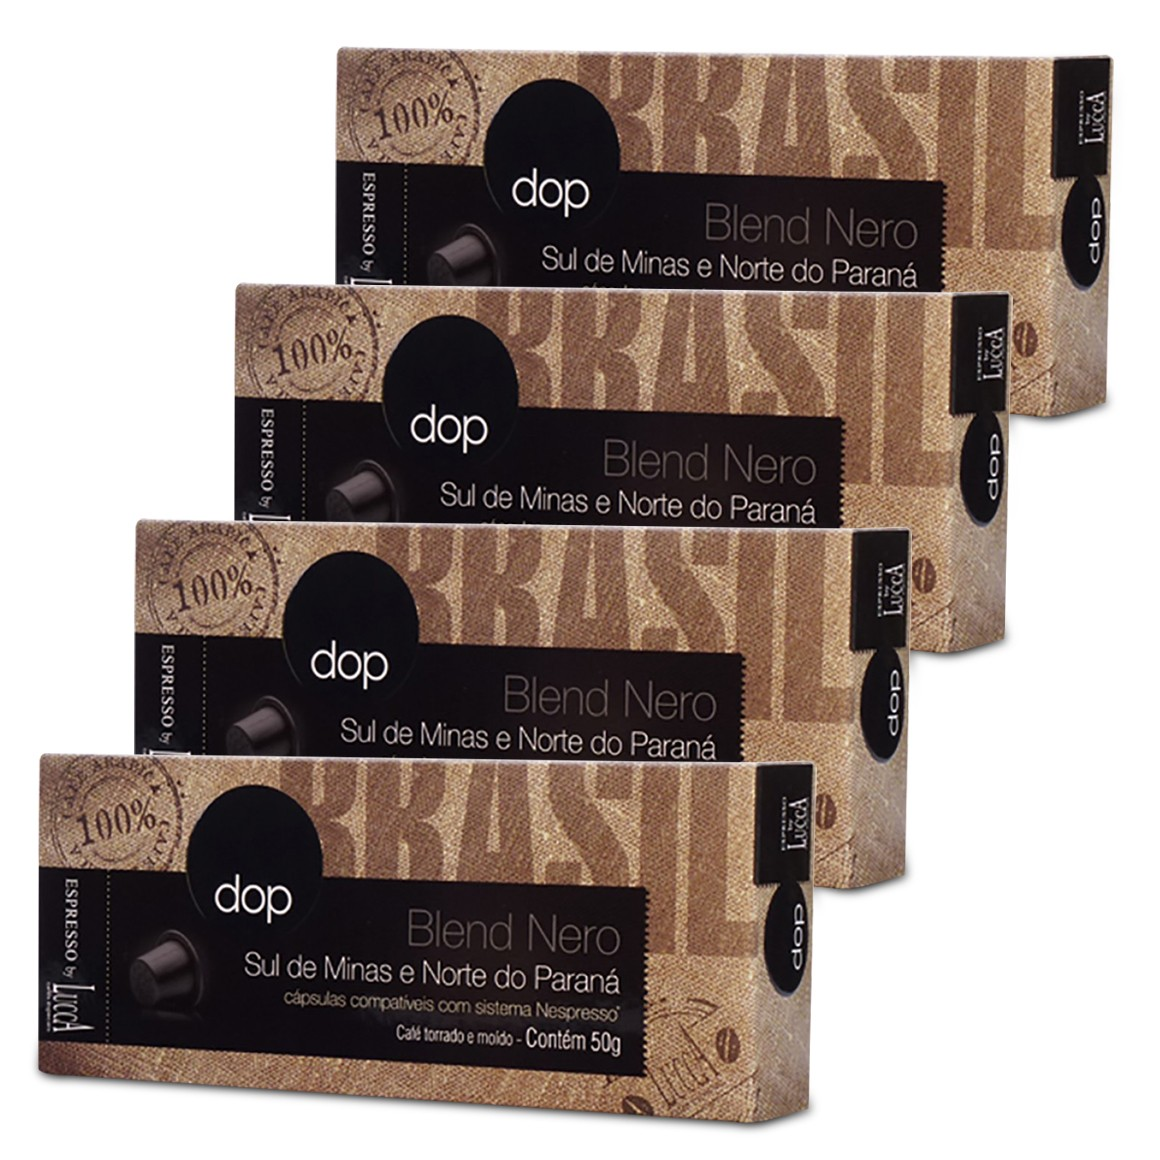 Kit Cápsulas de Café Compatíveis com Nespresso Dop Blend Nero 40 un